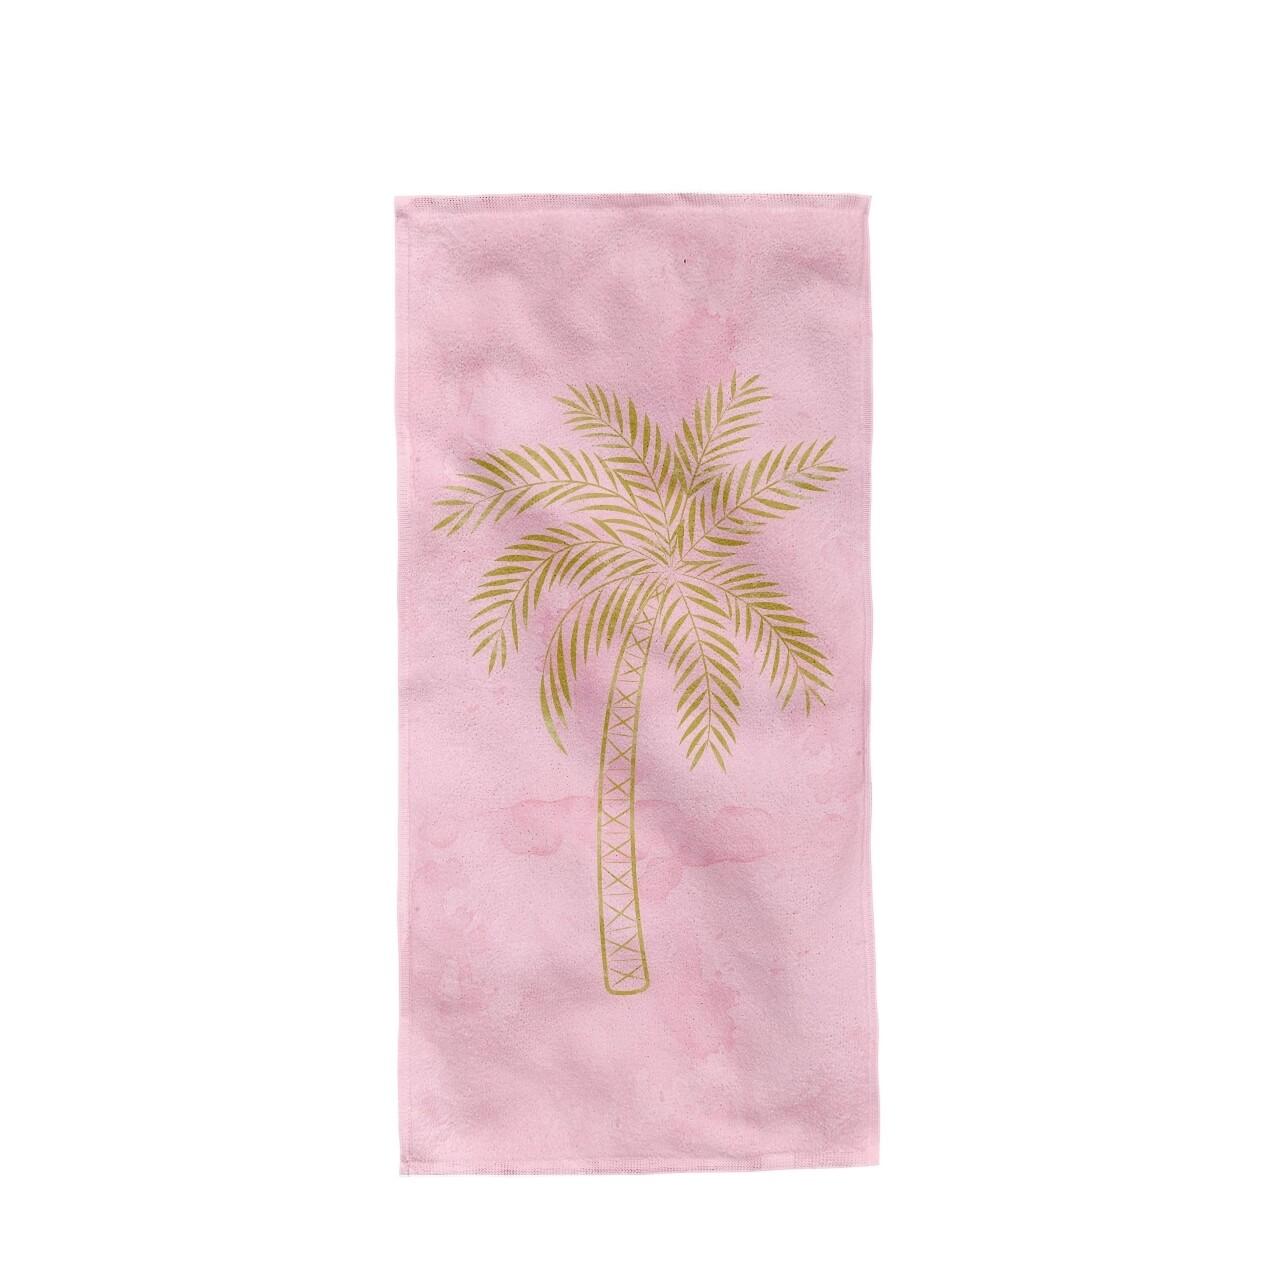 Prosop de plaja Palm Tree, Aglika, 80 x 160 cm, 50% bumbac/ 50% poliester, multicolor